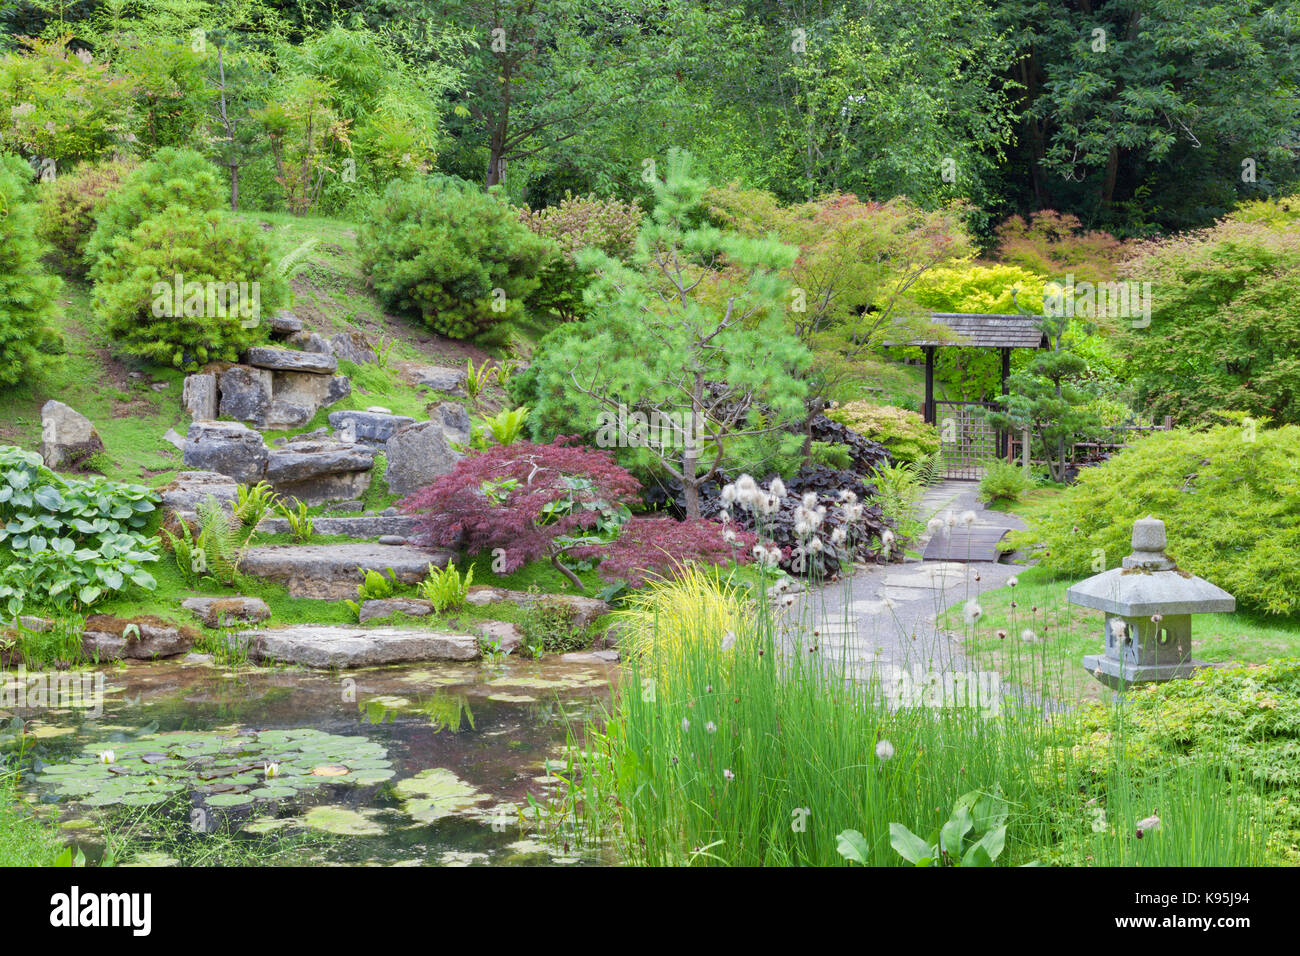 Oriental Style Rock Garten Mit Einem Kleinen Teich, Stein Laterne Von  Kiefer, Nadelbaum, Ahorn, Bäumen Und Sträuchern Umgeben.